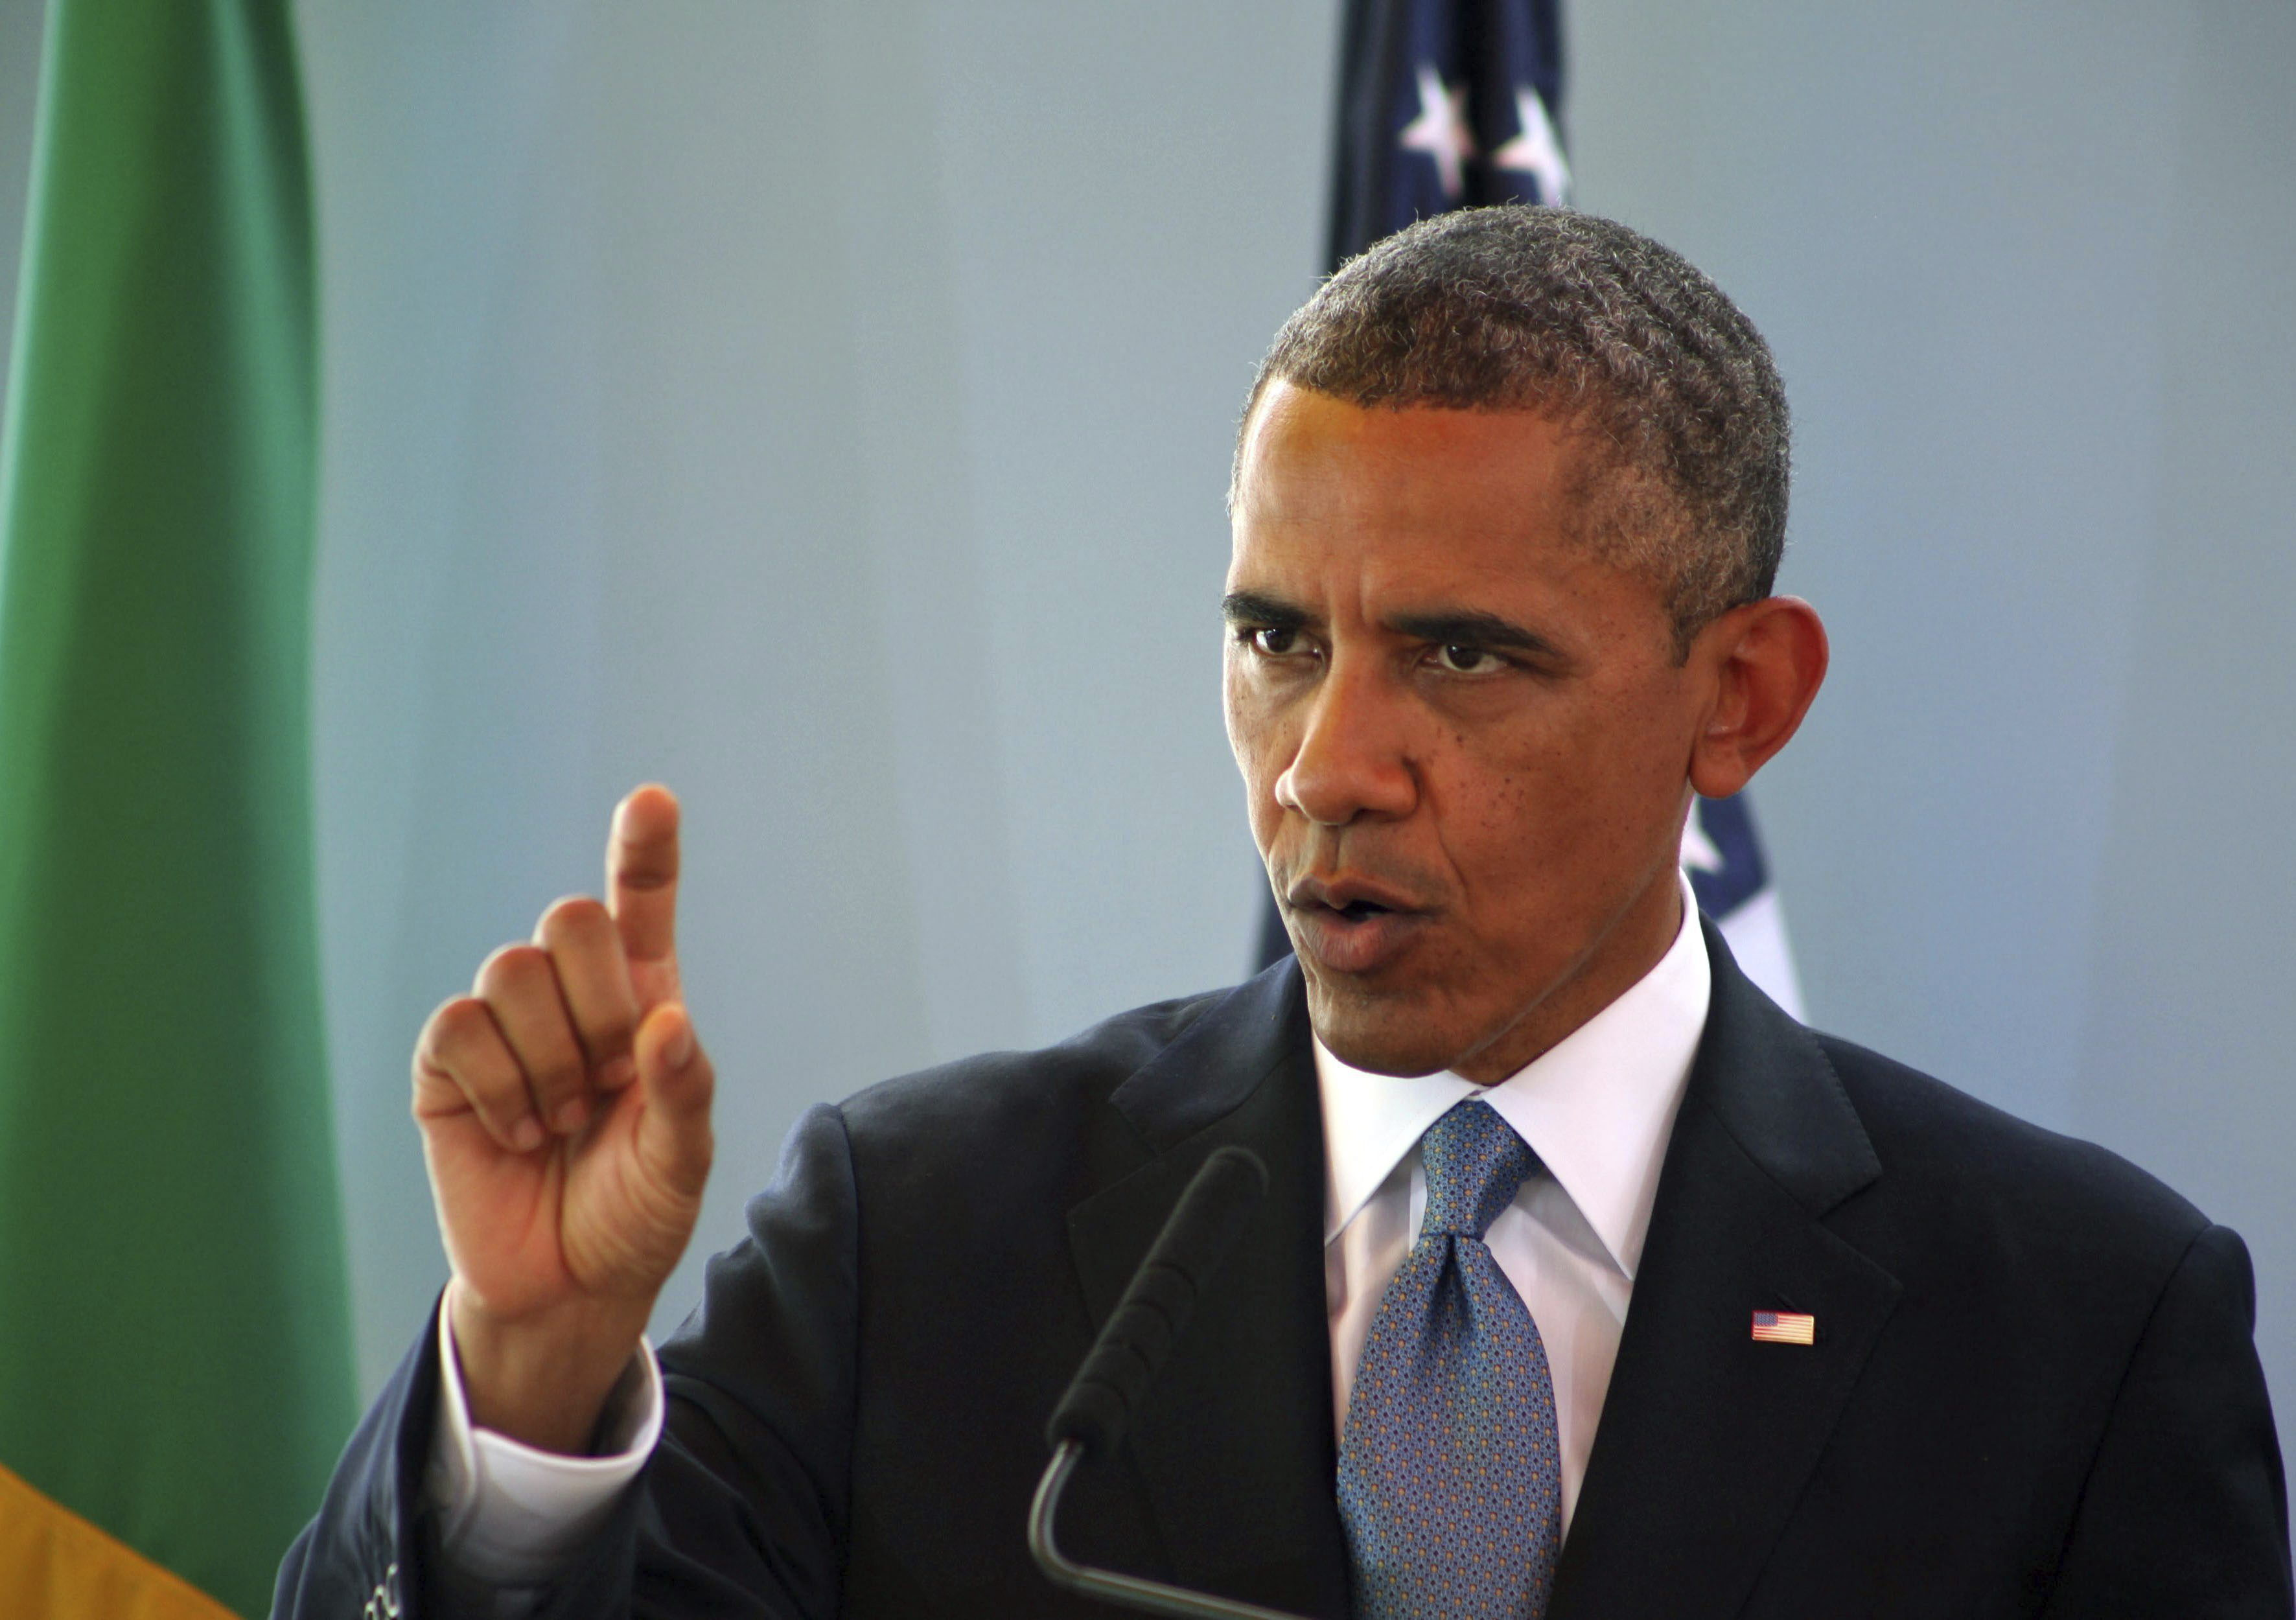 Obama dice no sentirse amenazado por las inversiones de China en África, pero advierte sobre ellas